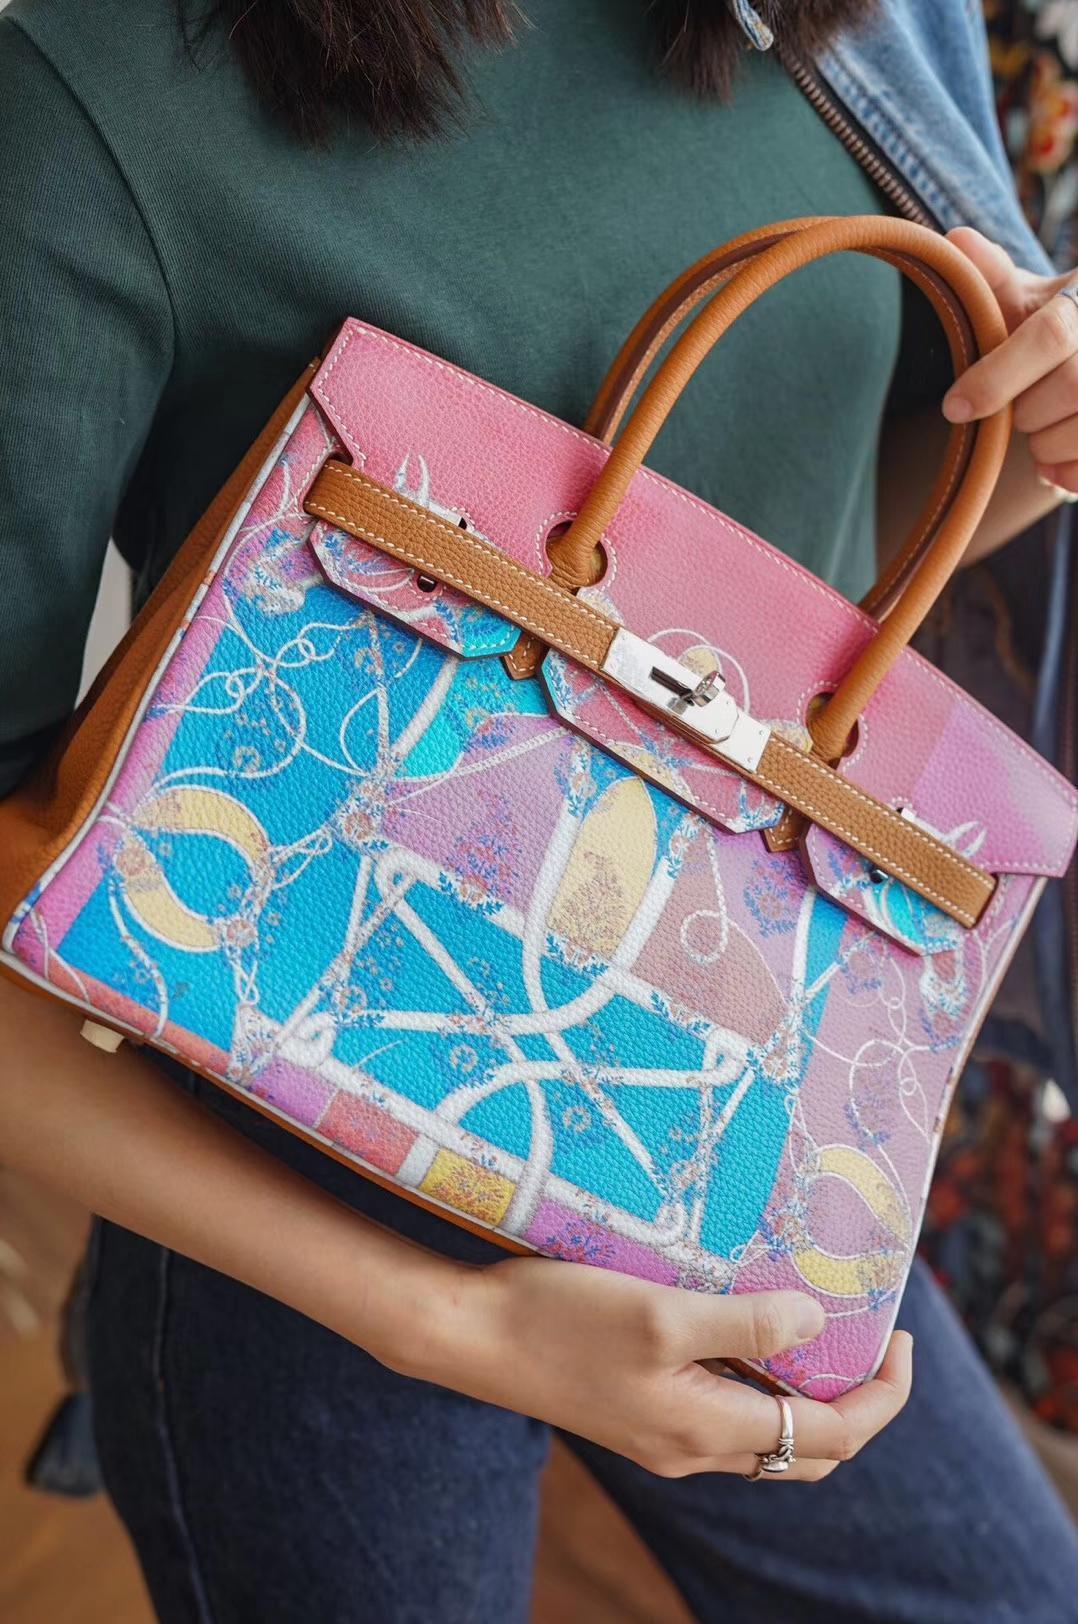 Fabrik Großhandel Top-Qualität der ursprüngliche Luxus-Handtasche, Totes Marke, entworfen, Geldbeutel, hergestellt von Kalb, Lammfell, Krokodilleder, schnelle Lieferung